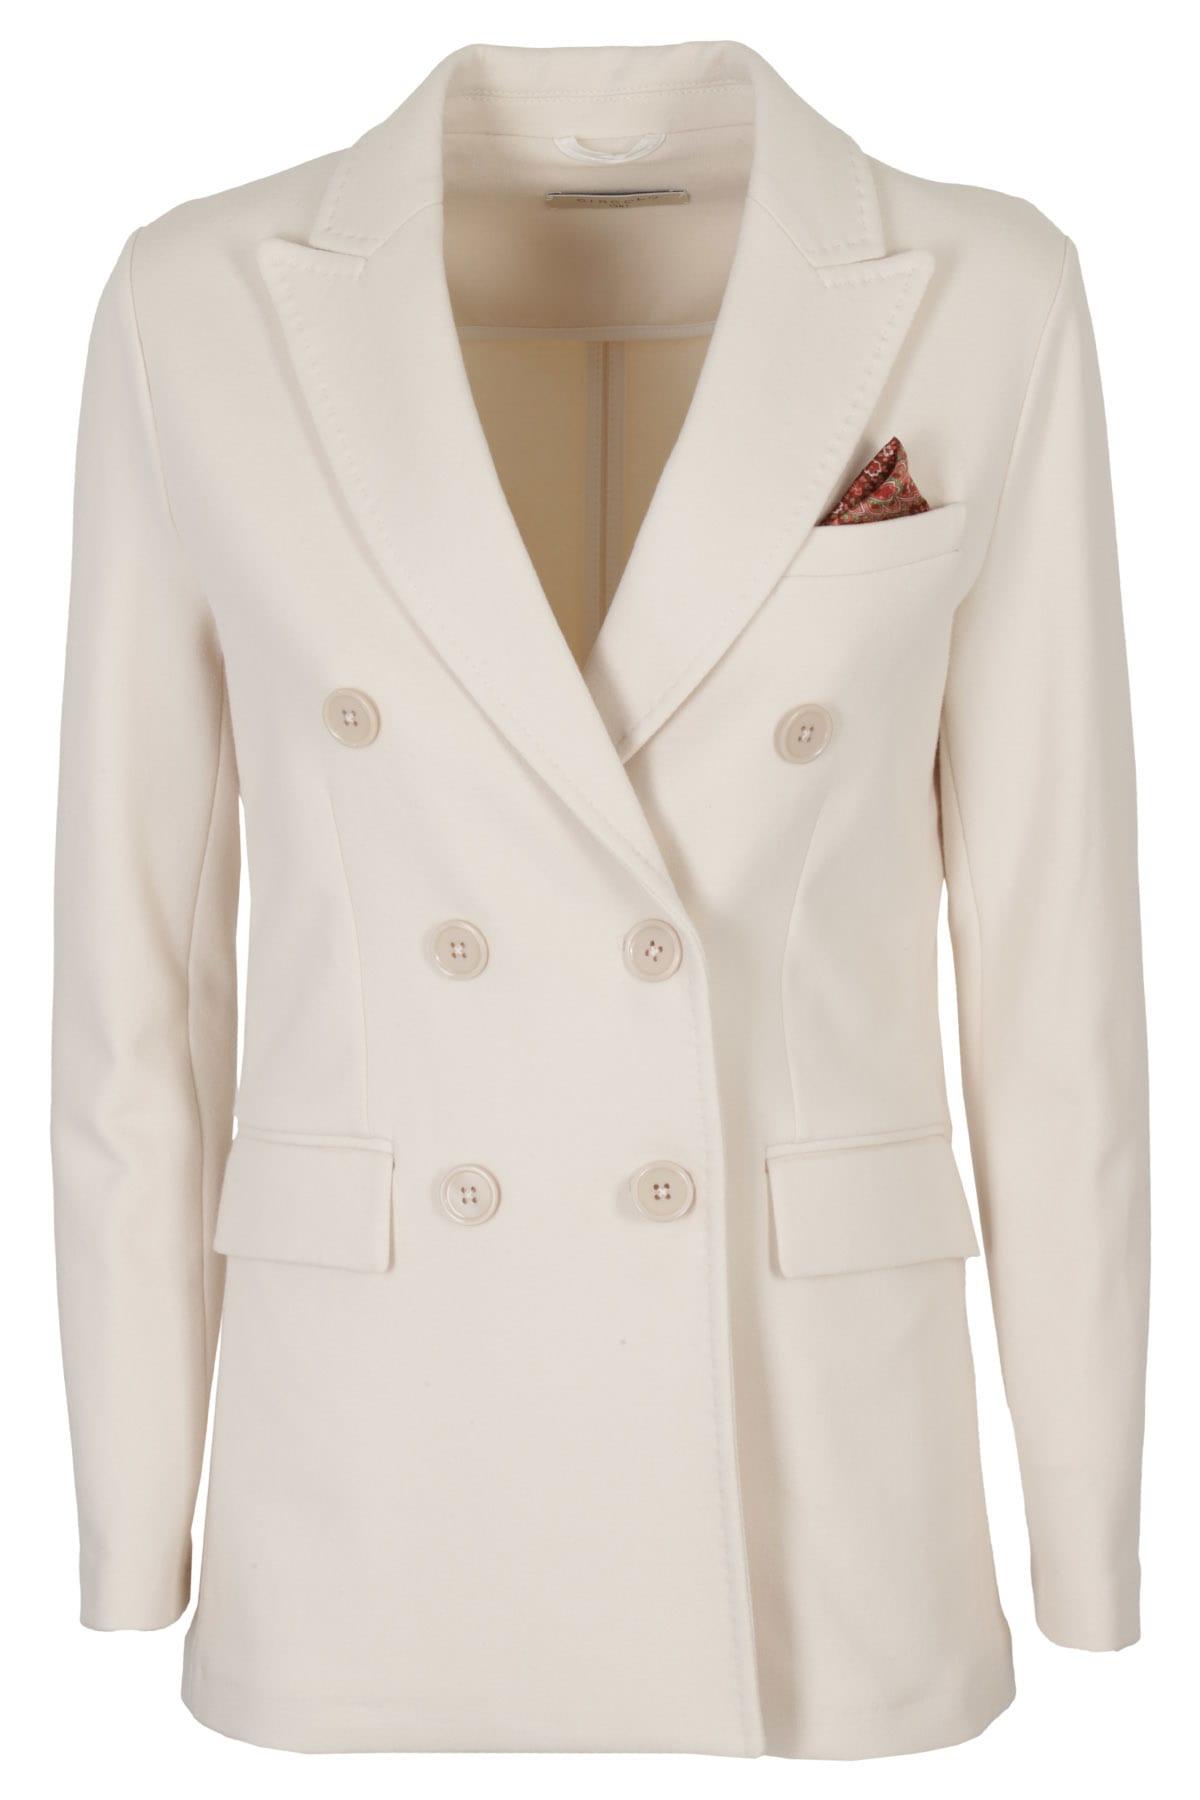 1901 Jacket